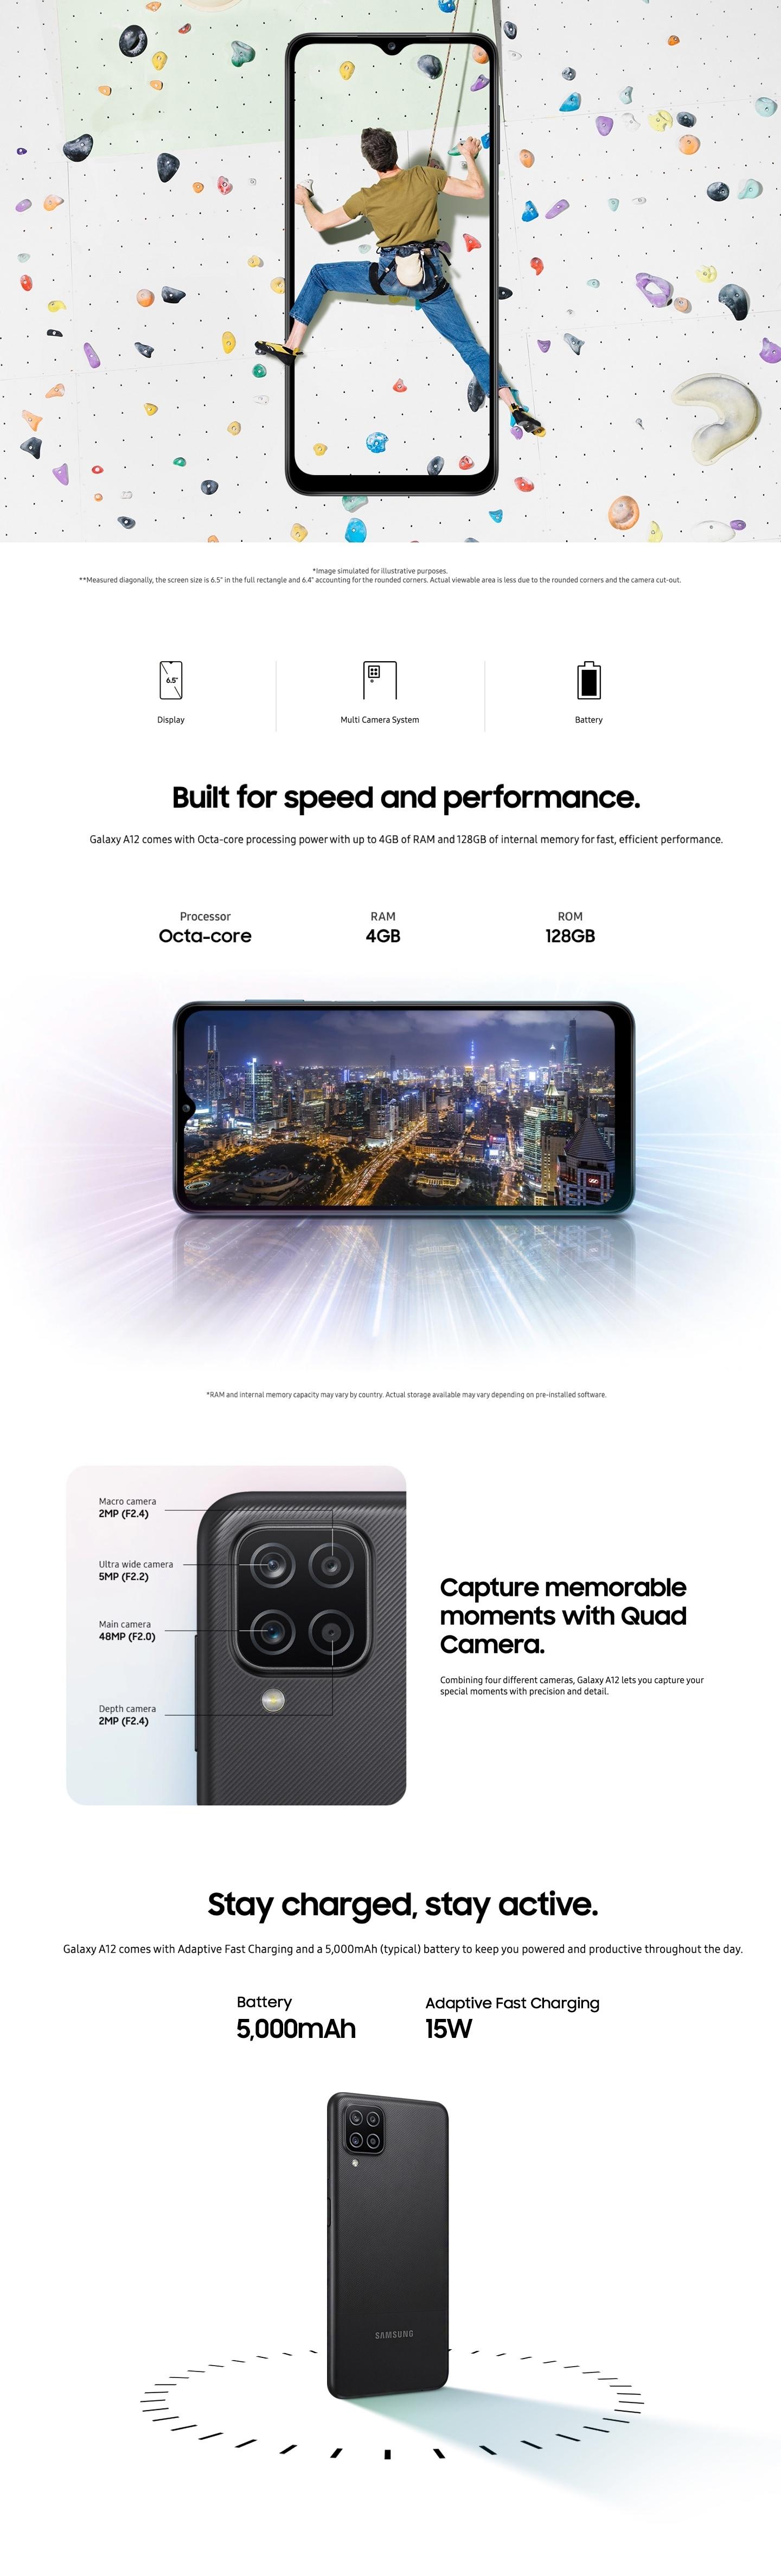 Samsung Galaxy A12 4G